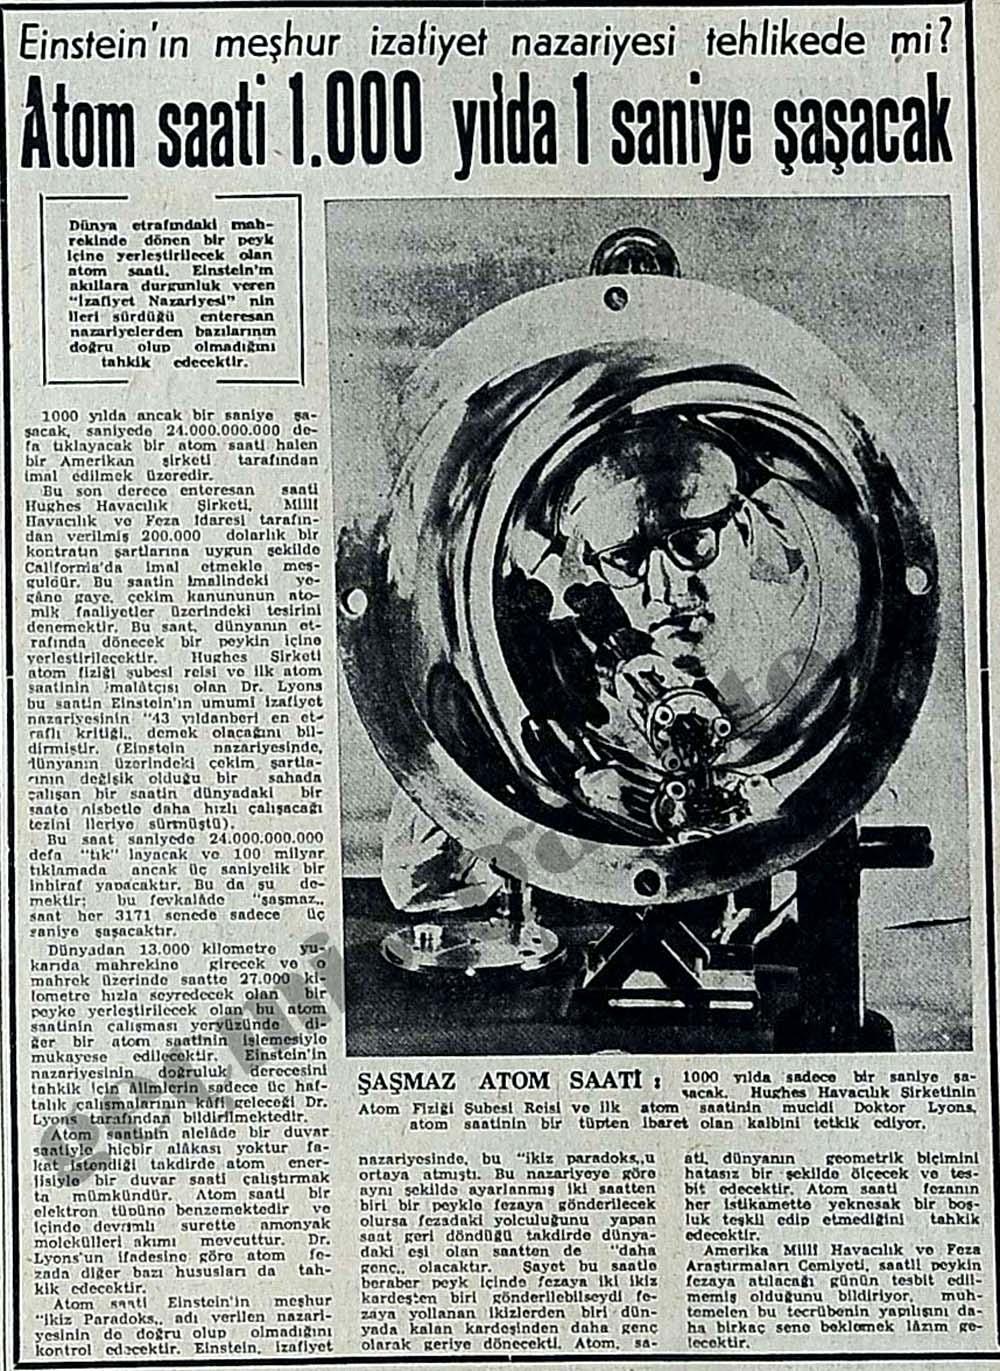 Einstein'ın meşhur izafiyet nazariyesi tehlikede mi?